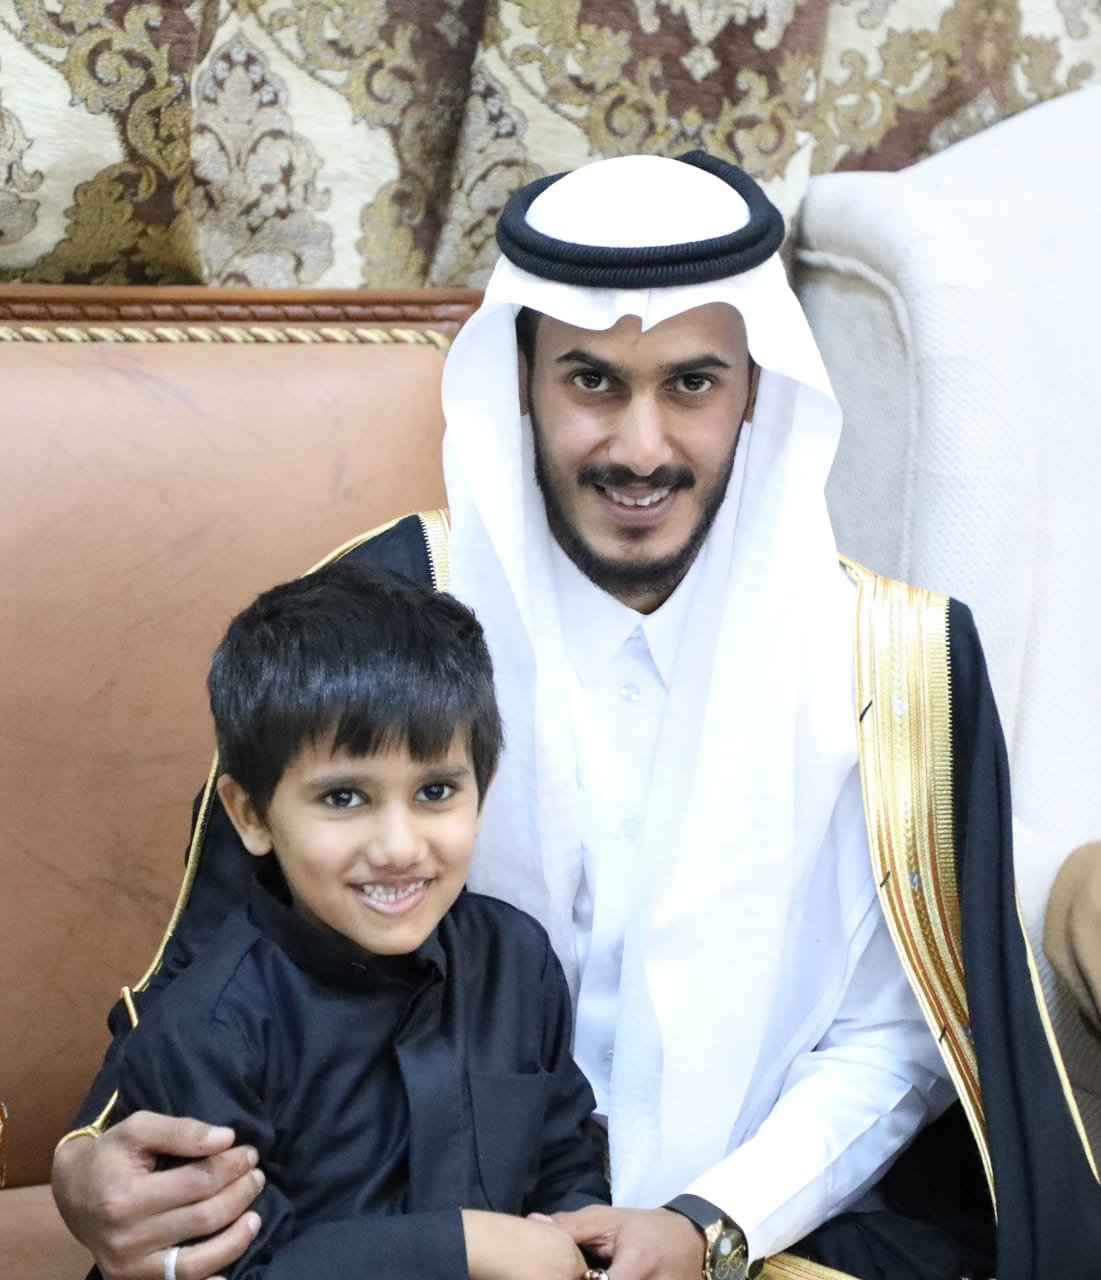 تغطية زواج / محمد سعد الحمري البلوي 2f14941d 38a1 46fa a613 64594c7ec9ea